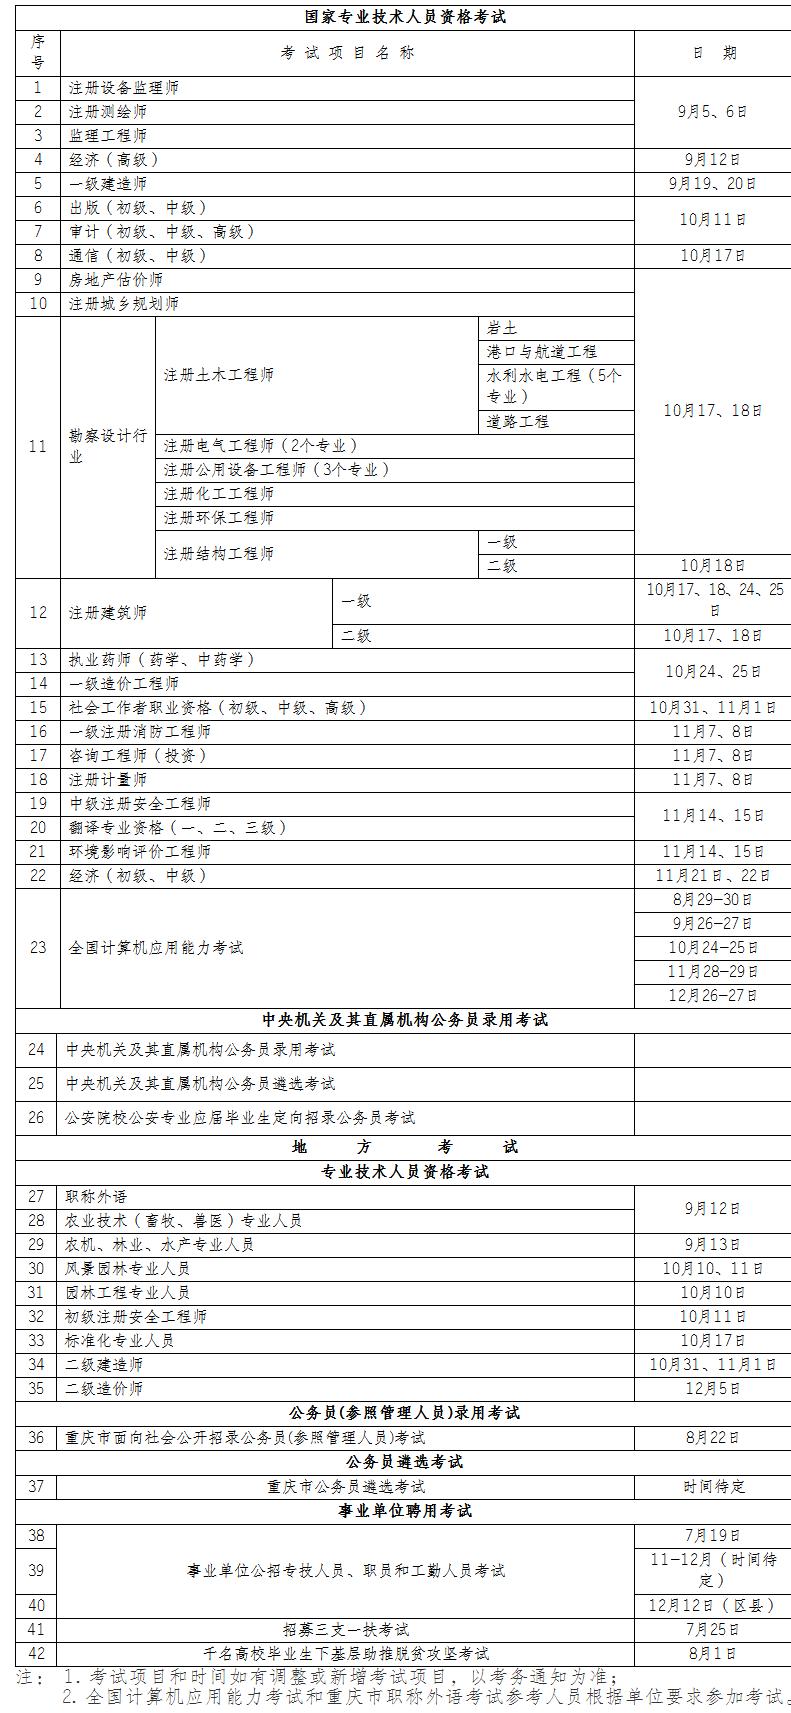 2020年度重庆市人事考试工作计划